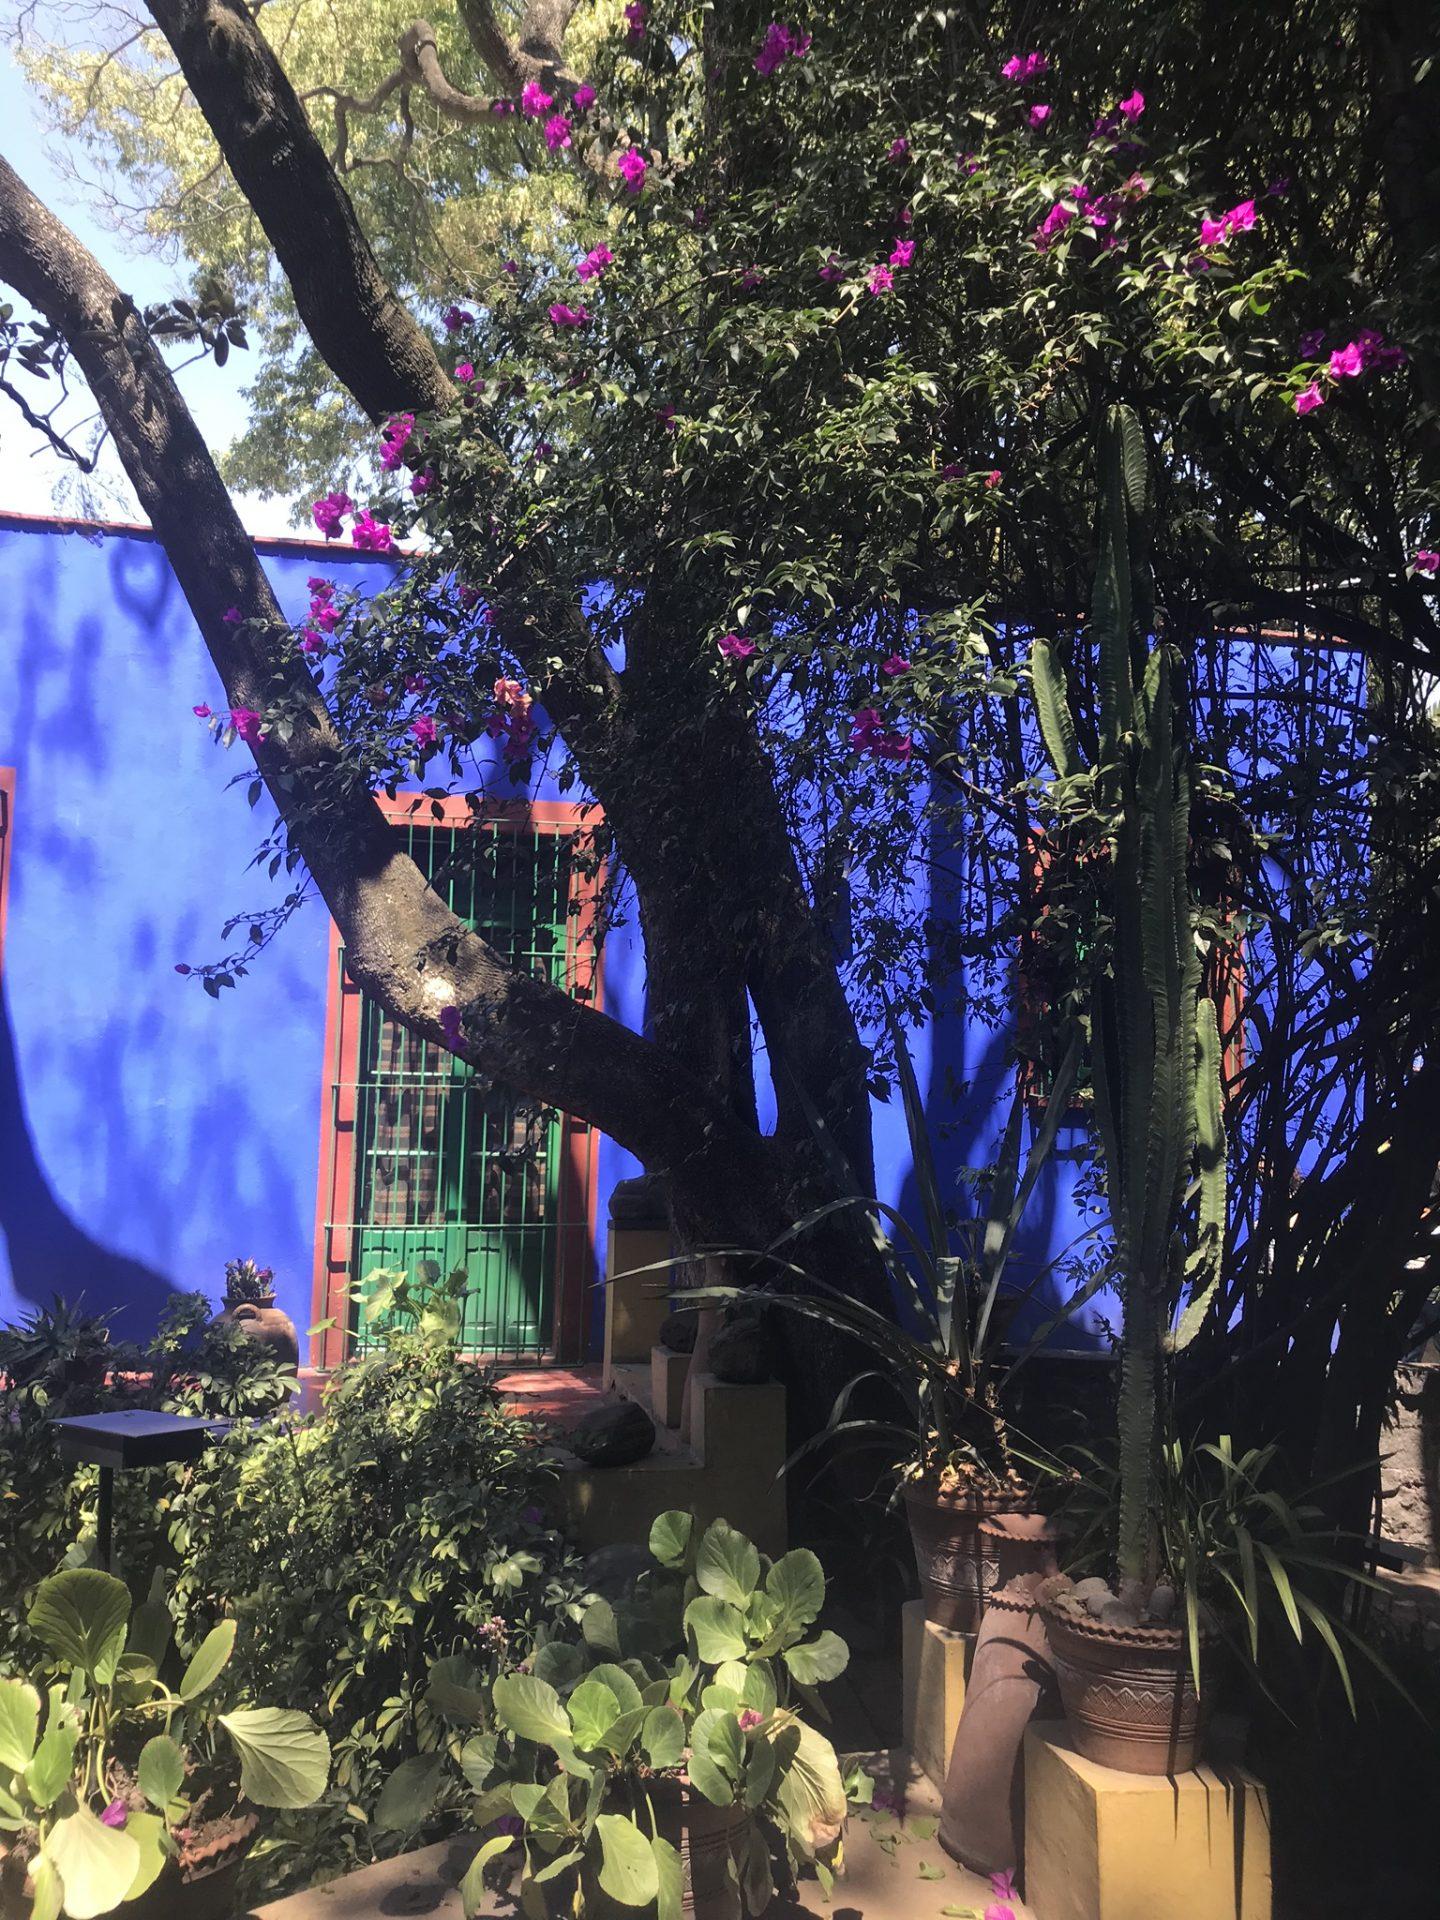 Gardens of Casa Azul, Frida Kahlo Museum